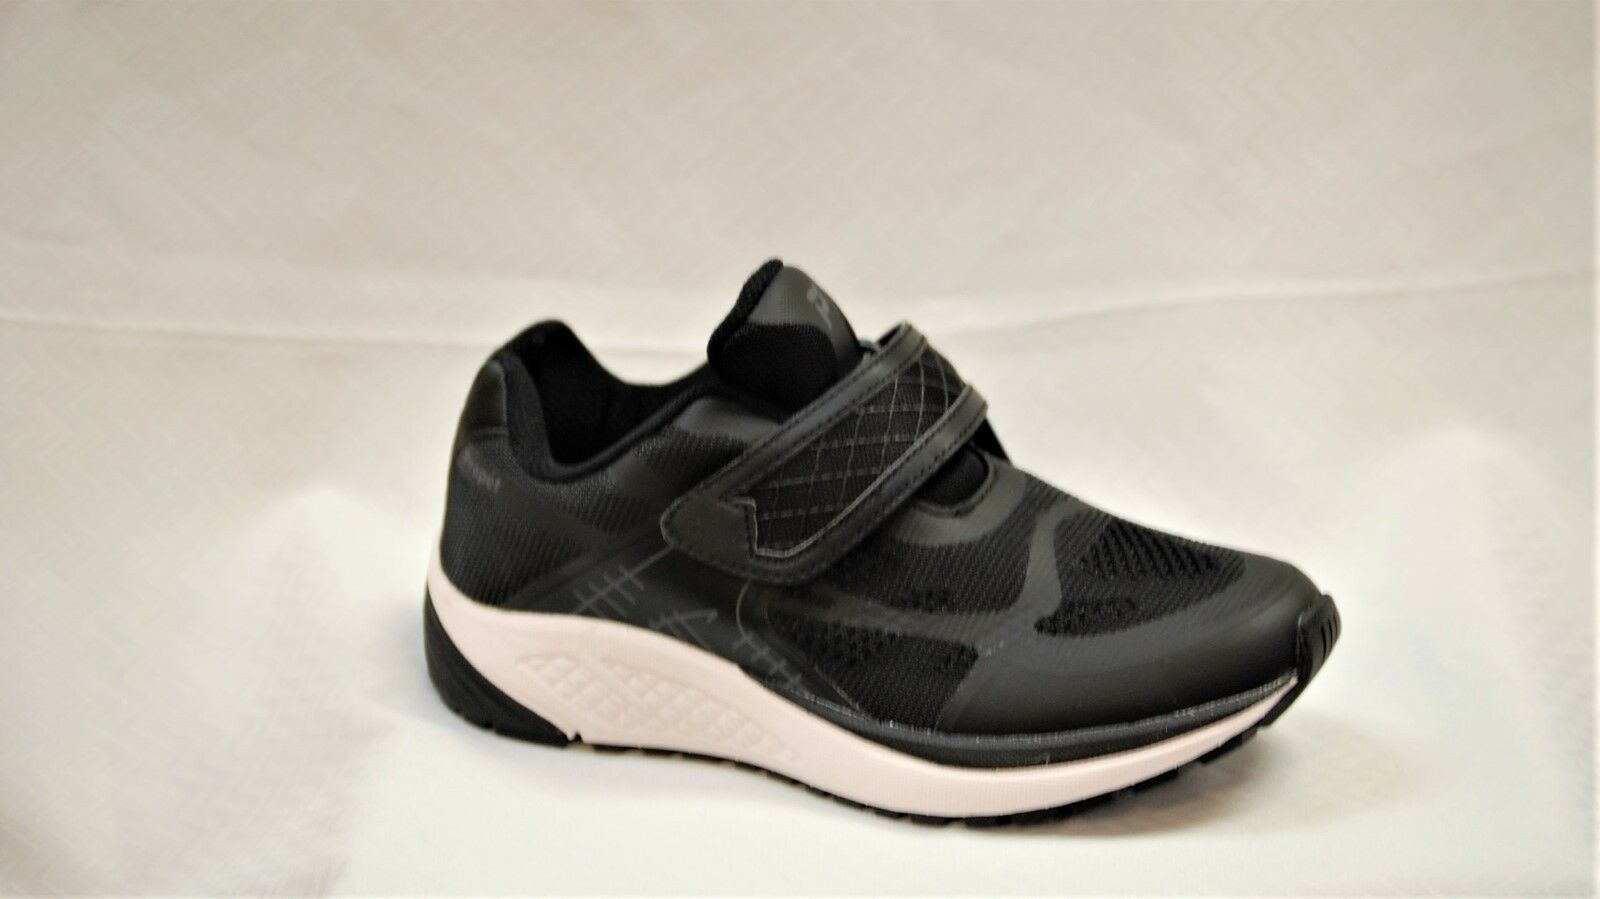 Propet una luz WAA023 correa para mujer Negro Negro Negro Caminar Zapato aprobado diabética 6.5 de ancho f703df